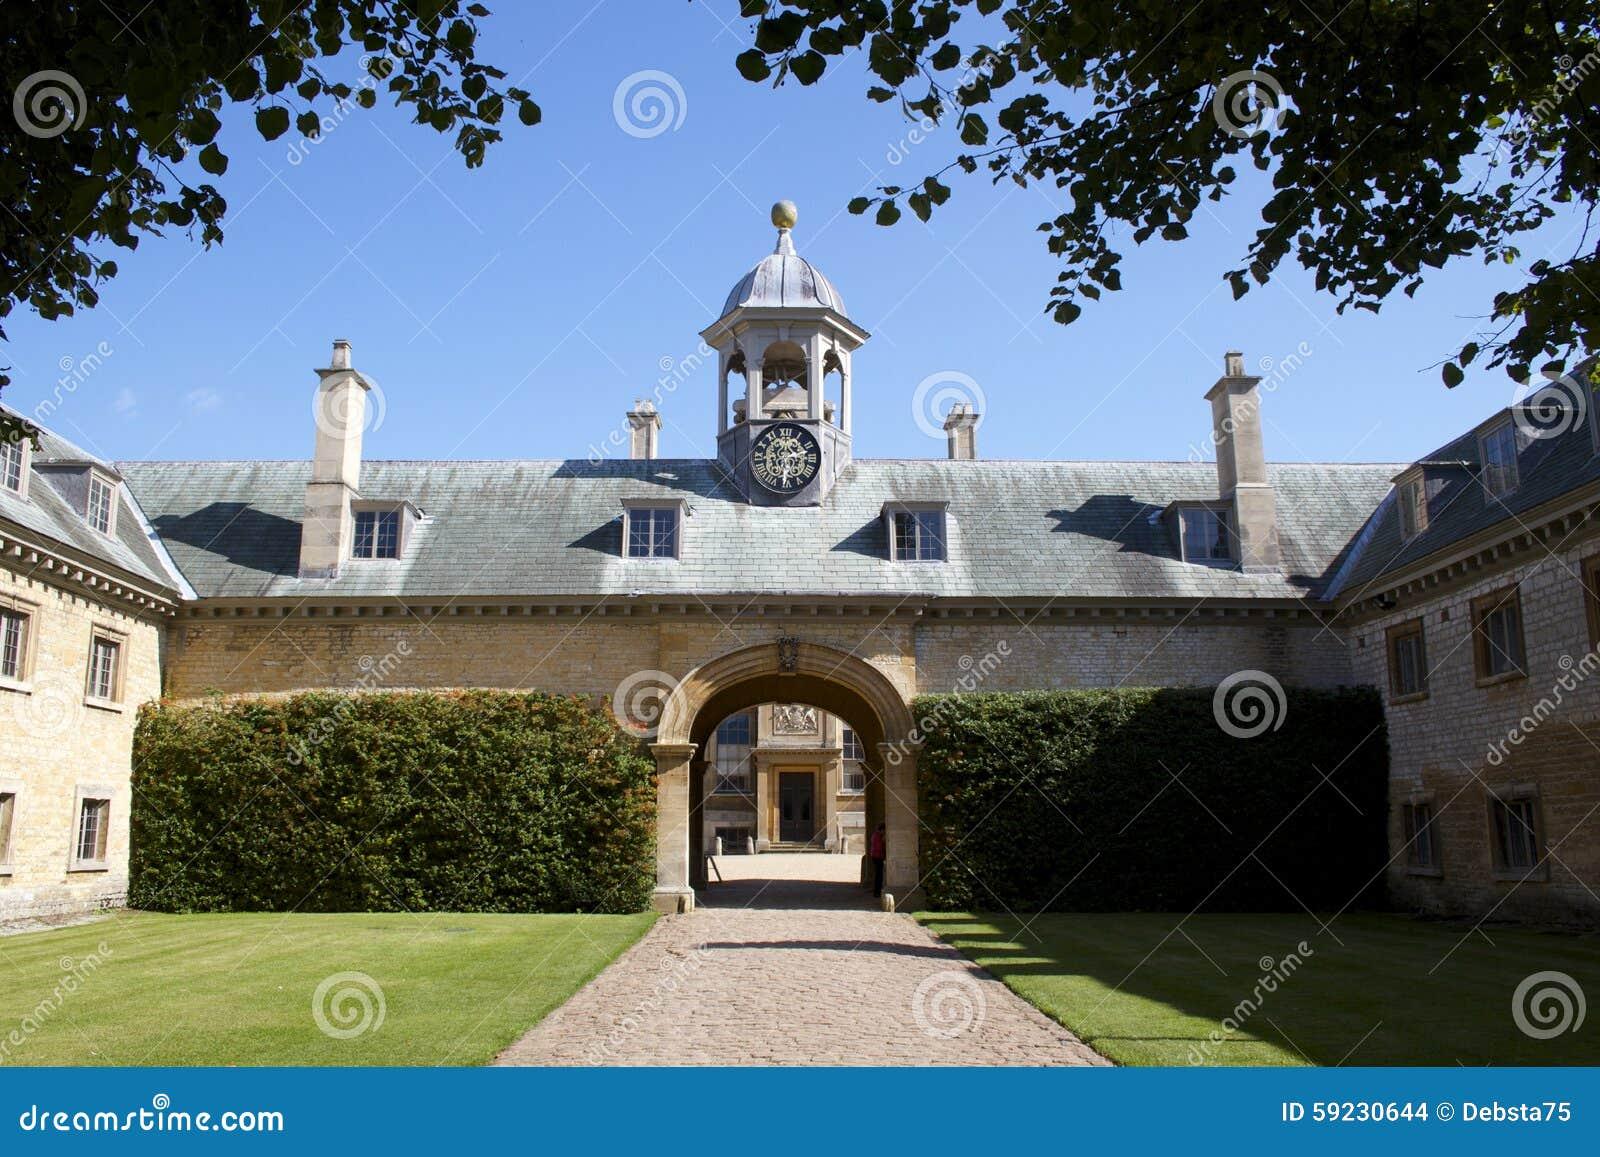 Download Torre De Reloj De La Casa De Belton Foto de archivo - Imagen de estado, diseño: 59230644